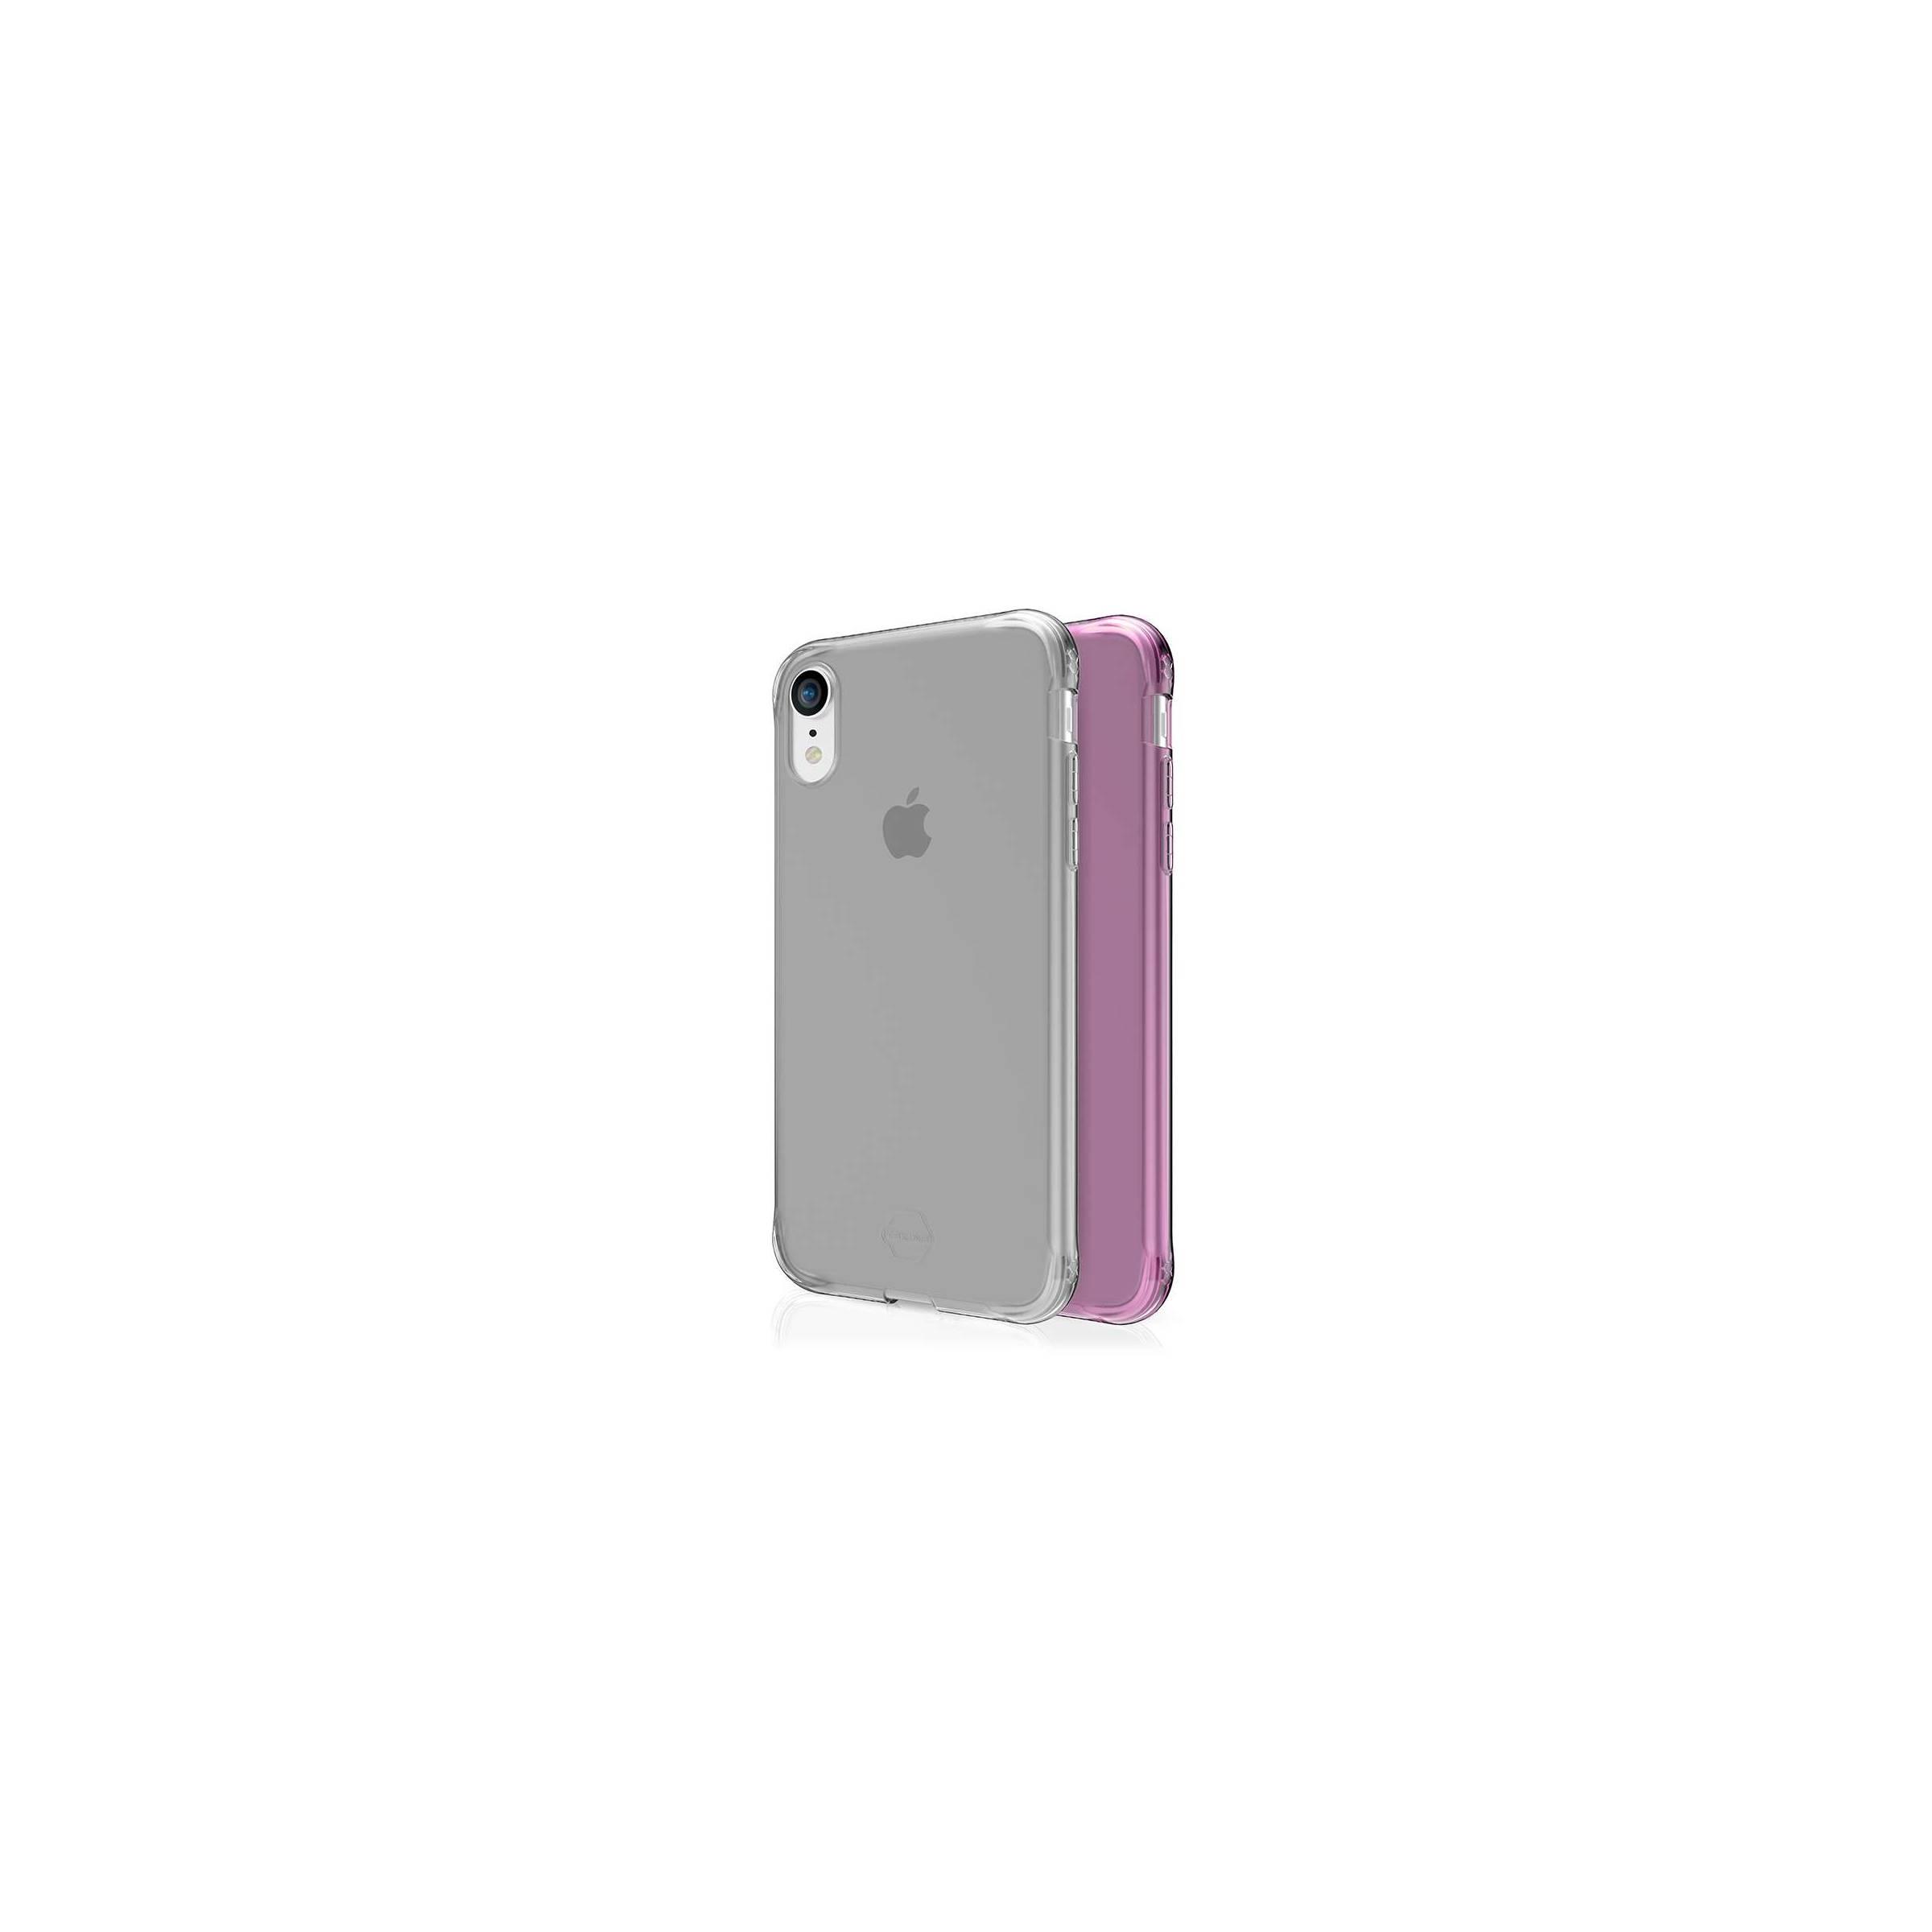 itskins Itskins slim silikone protect gel iphone xr cover dobbelt 2x pakke farve klar & lyse rød på mackabler.dk